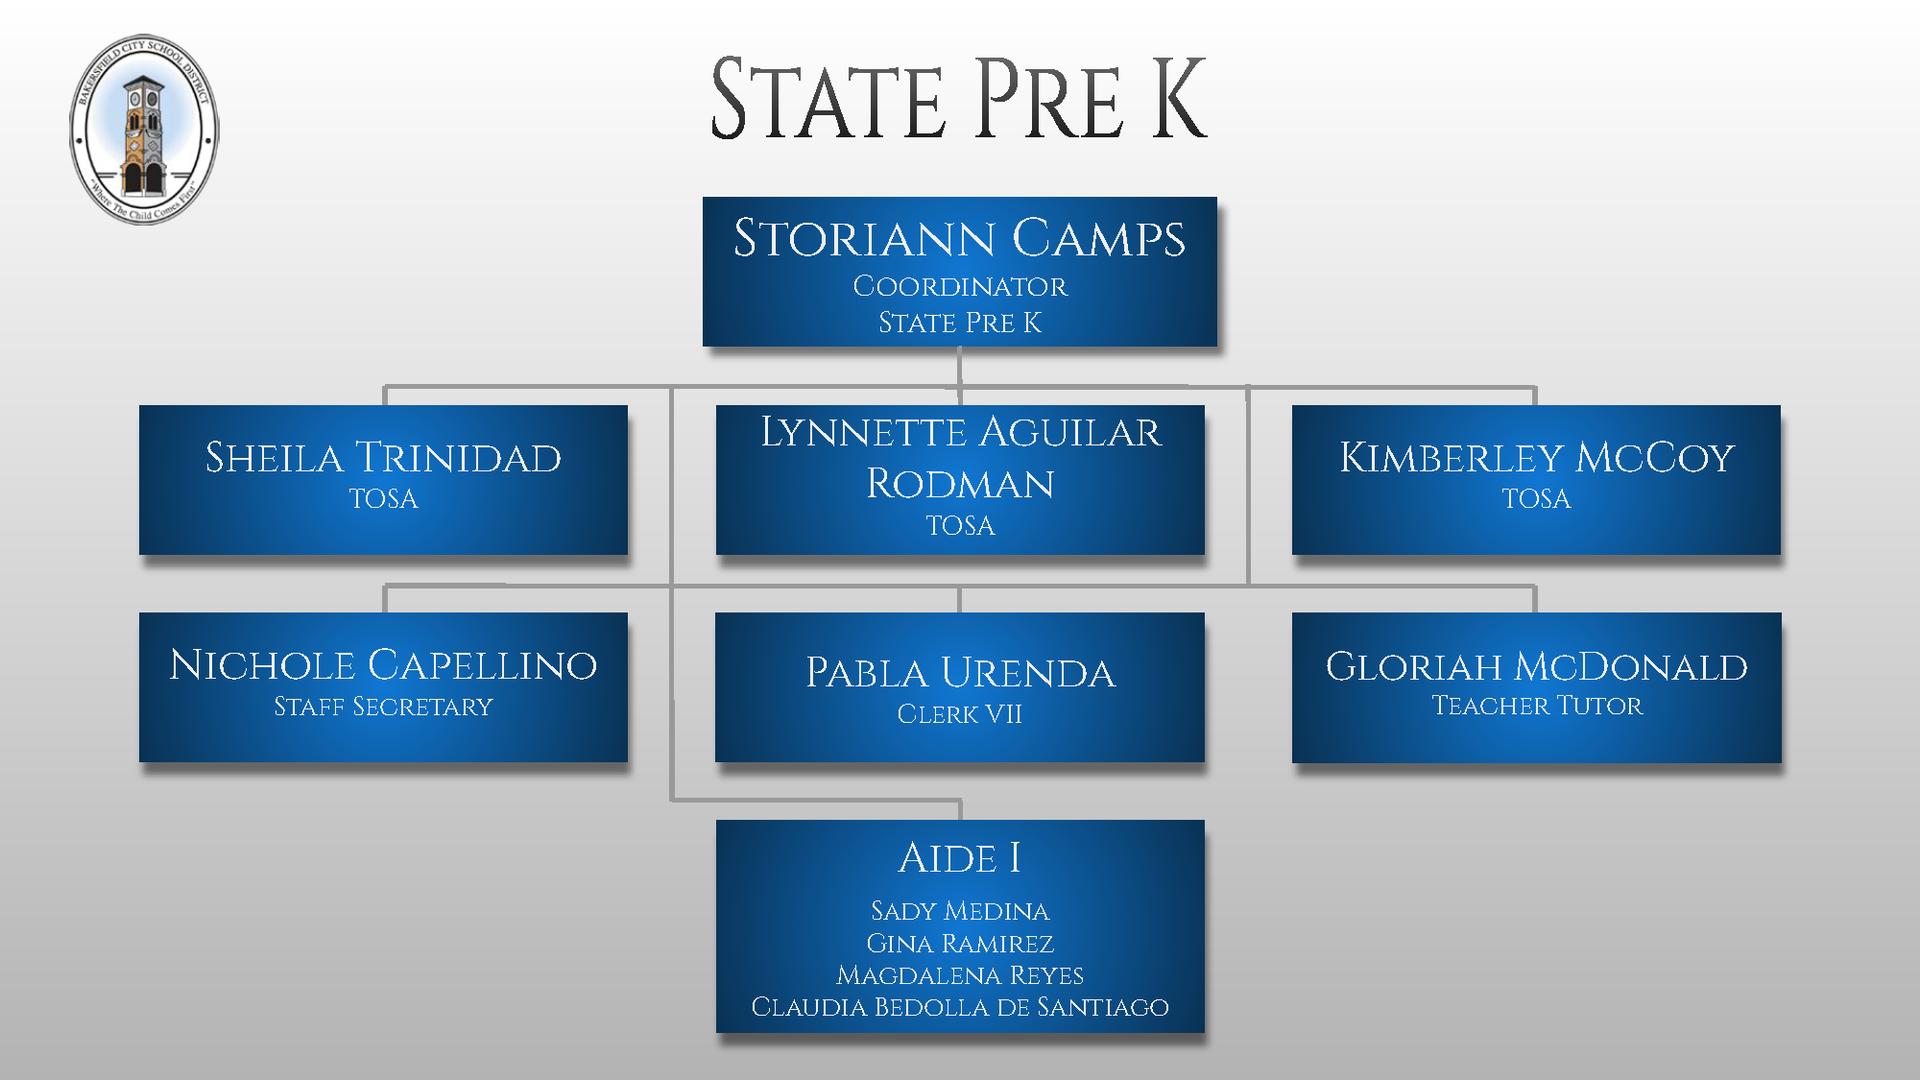 State Pre K Program